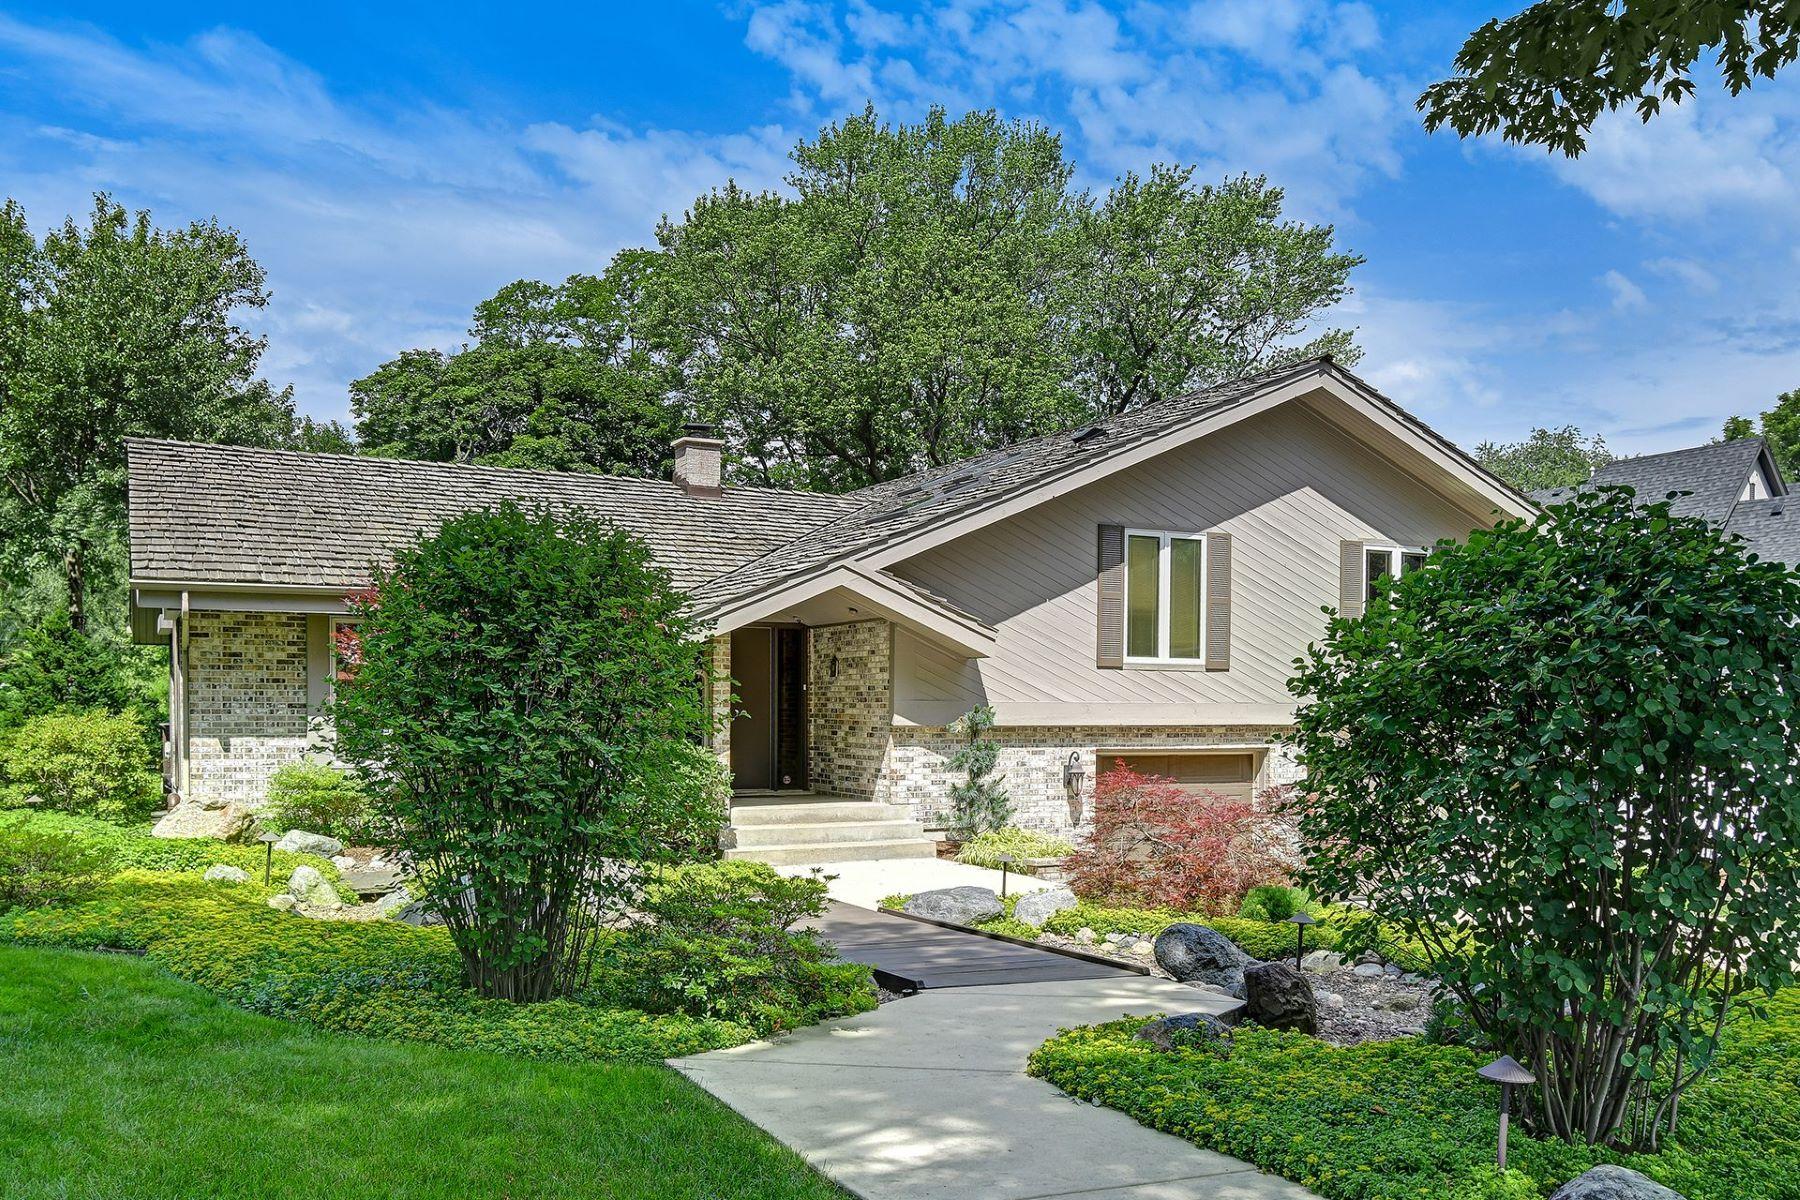 Single Family Homes für Verkauf beim 228 Coe Road, Clarendon Hills, IL 60514 Clarendon Hills, Illinois 60514 Vereinigte Staaten